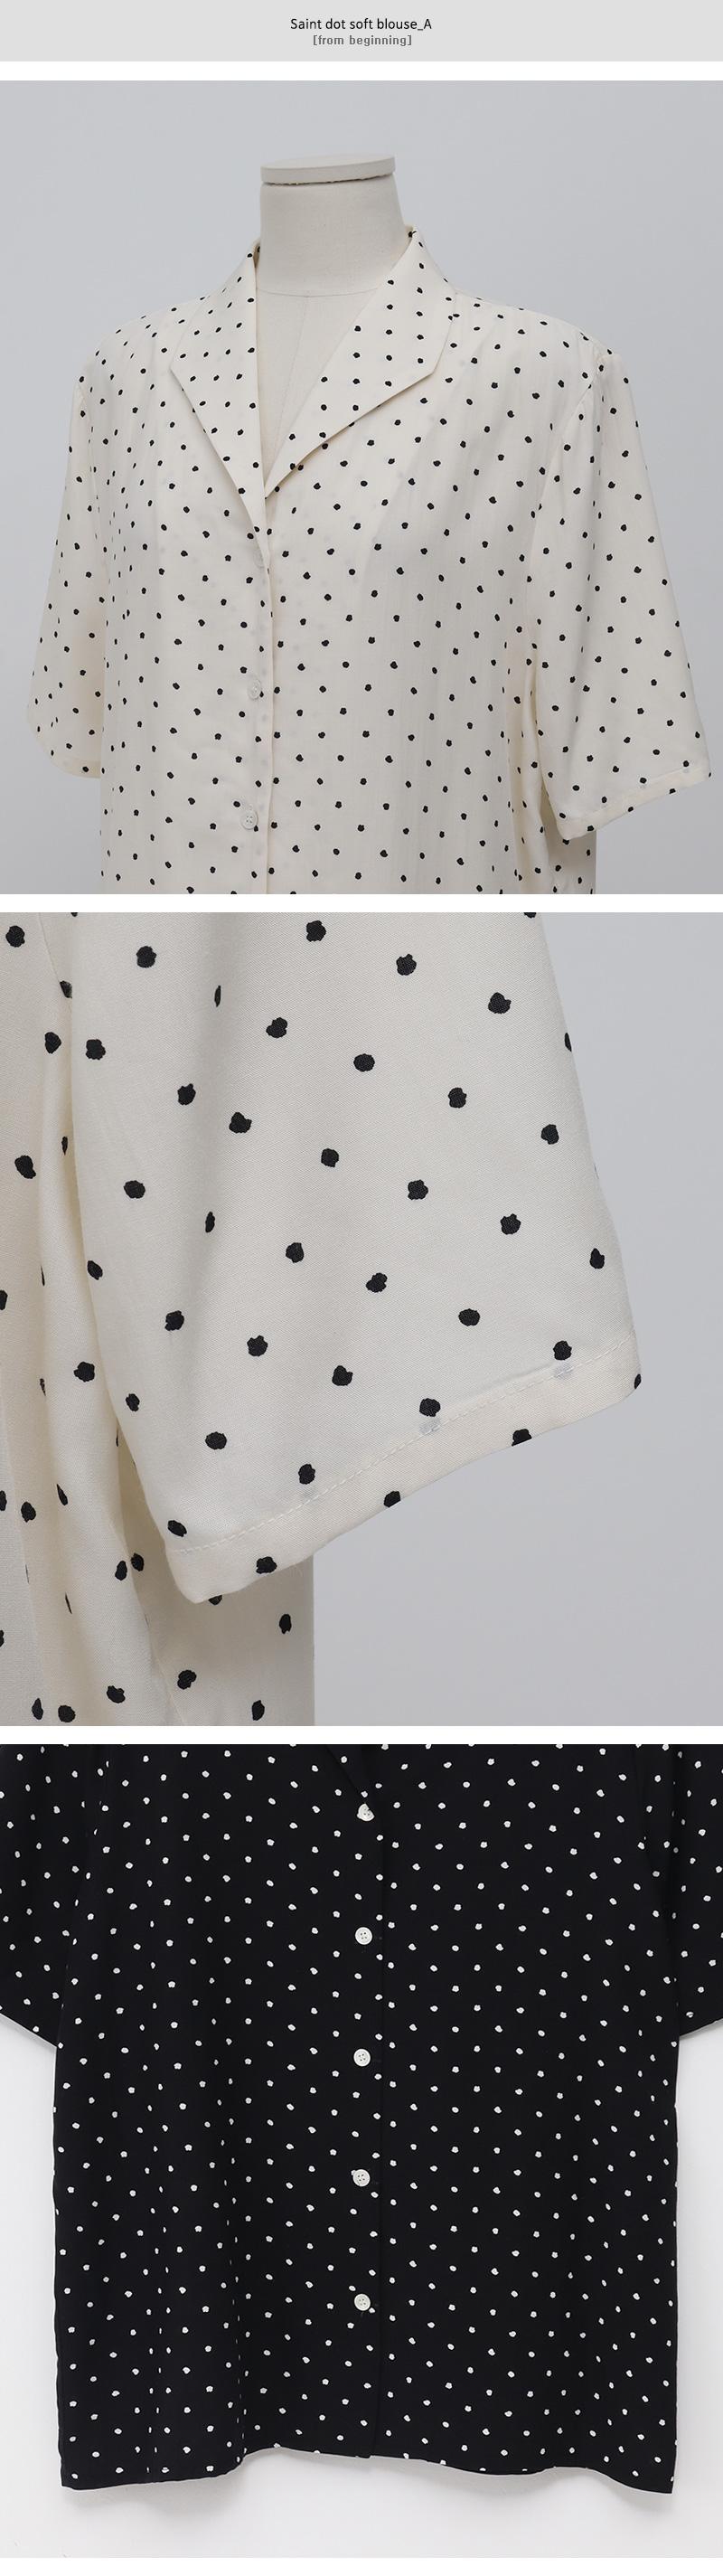 Saint dot soft blouse_A